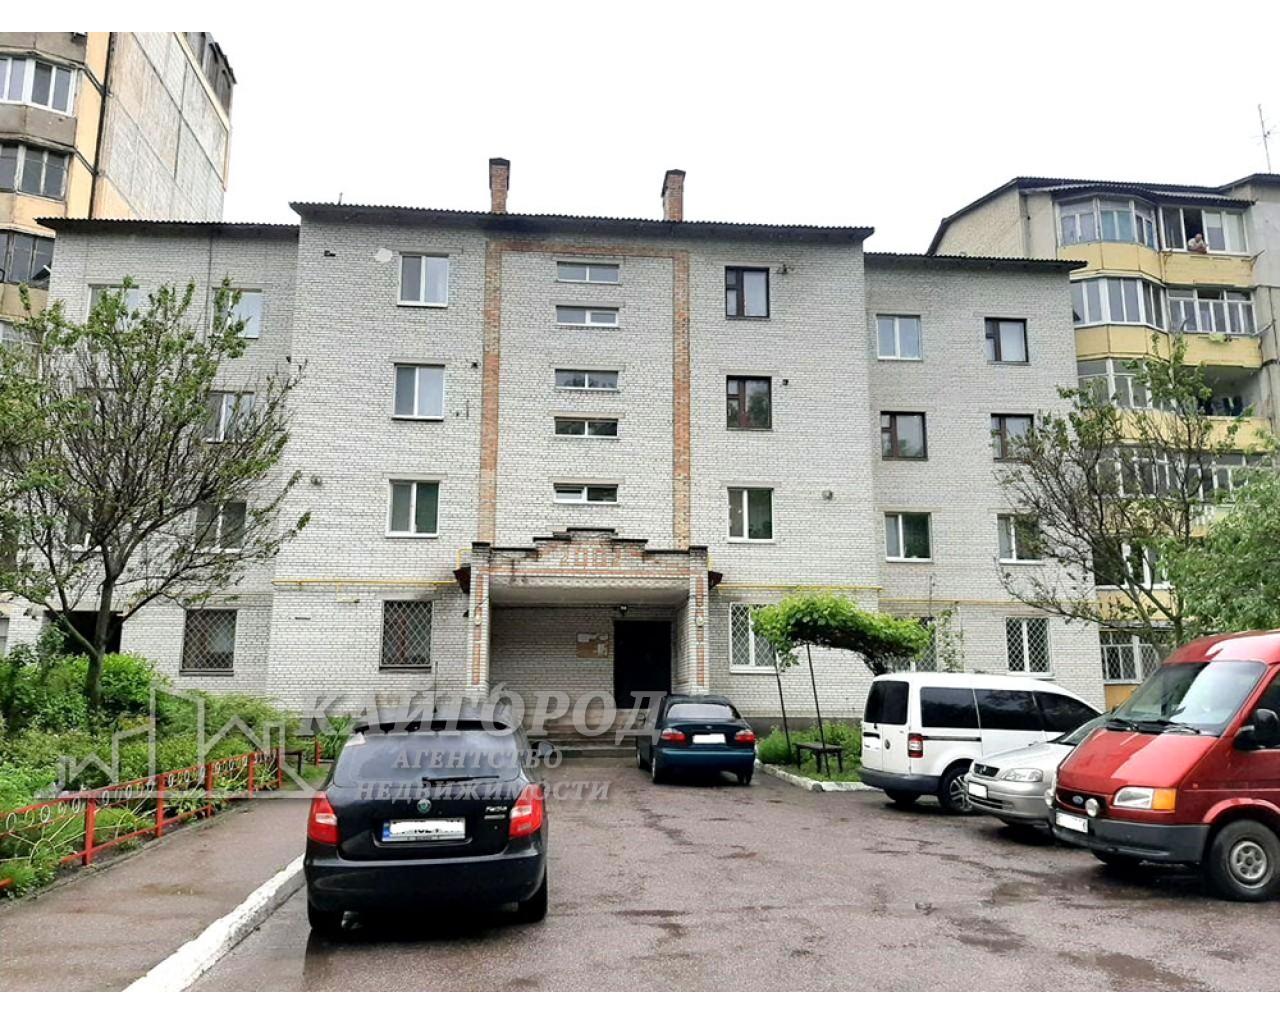 Продается  большая однокомнатная квартира в кирпичном доме с автономным отоплением!